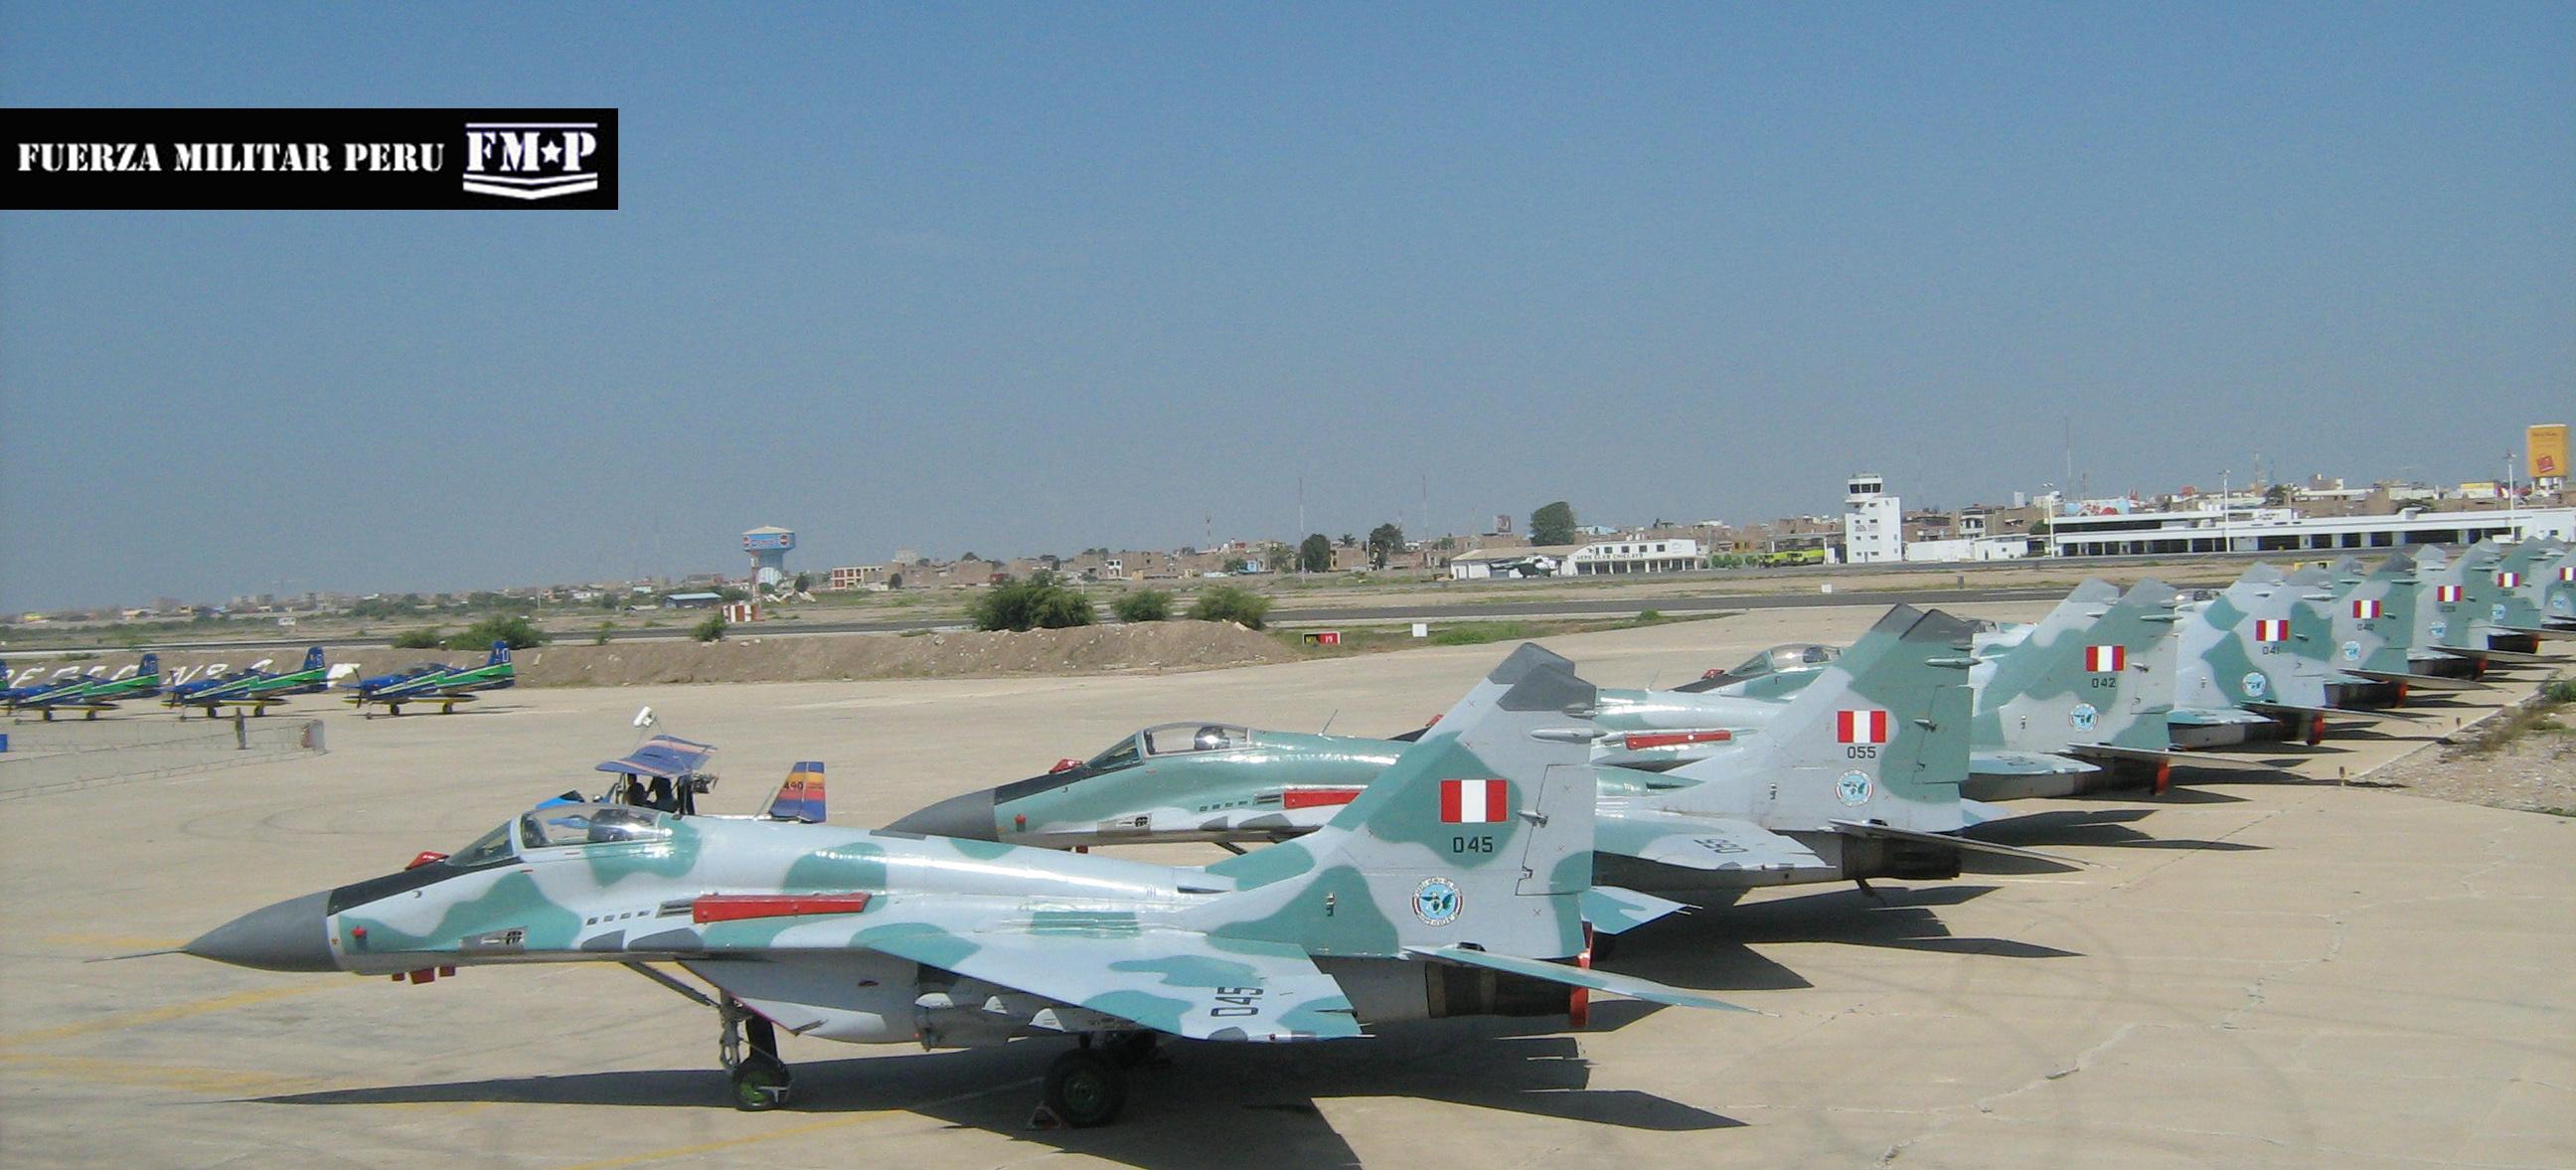 F-5 Tigre III Vs. MiG-29 FAP